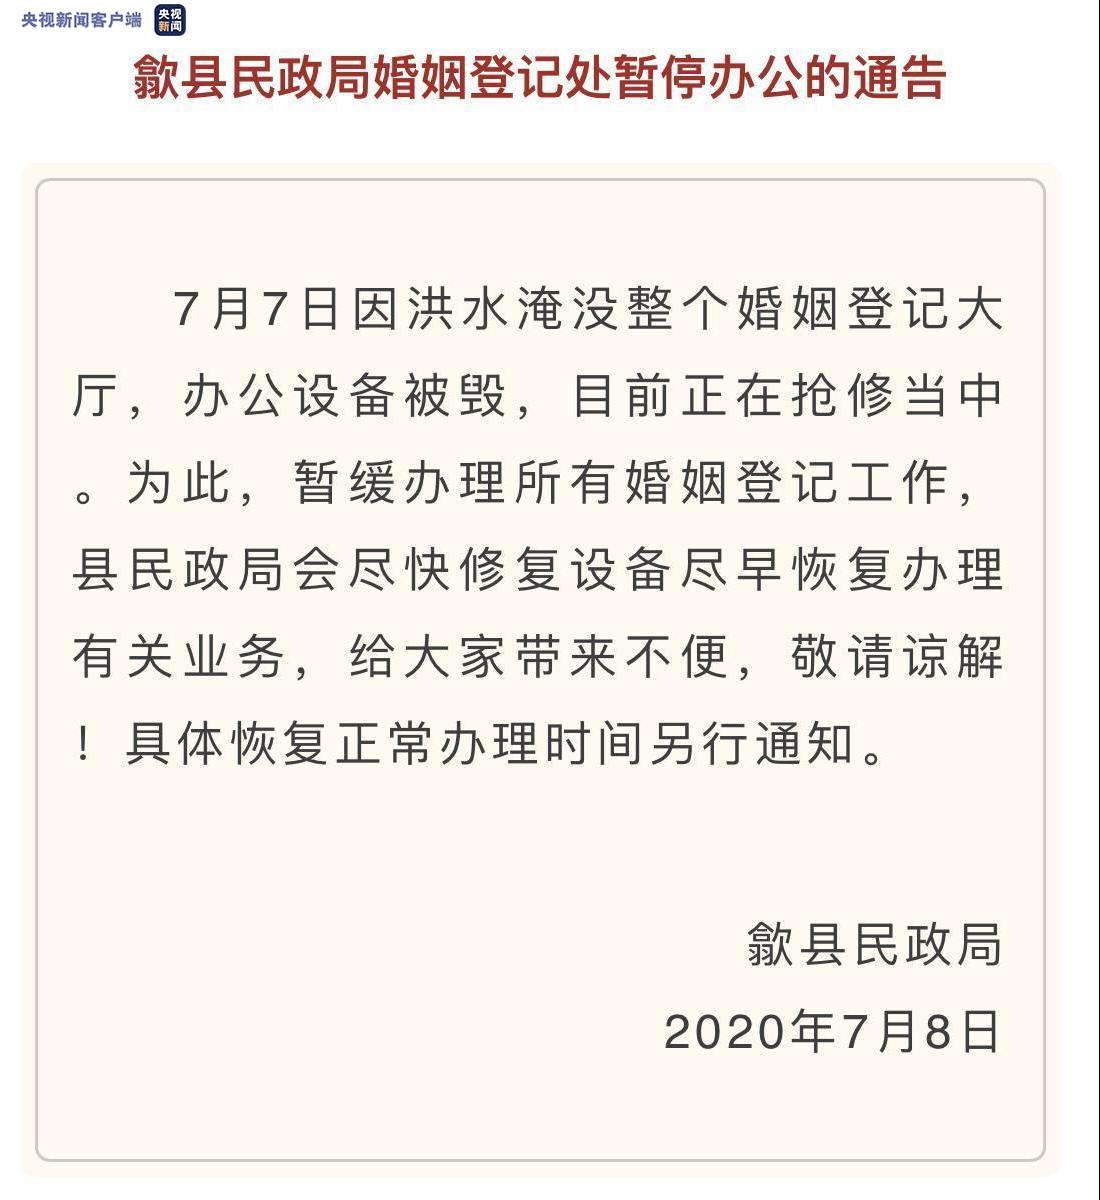 「sky平台」歙县民政局办公设备sky平台被图片